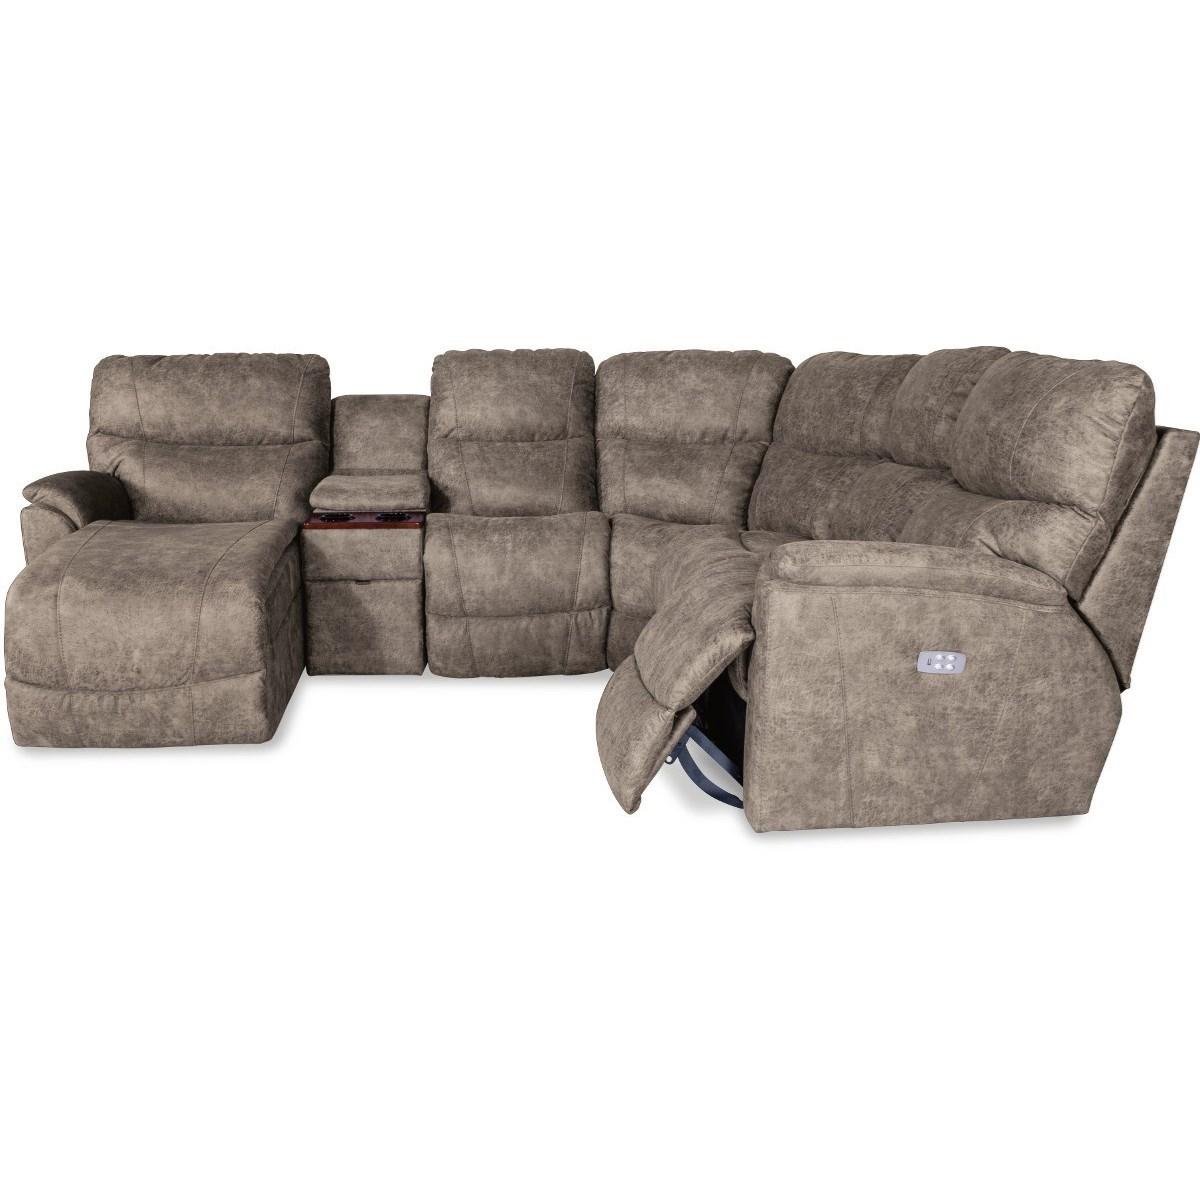 La Z Boy Trouper Five Piece Power Reclining Sofa With